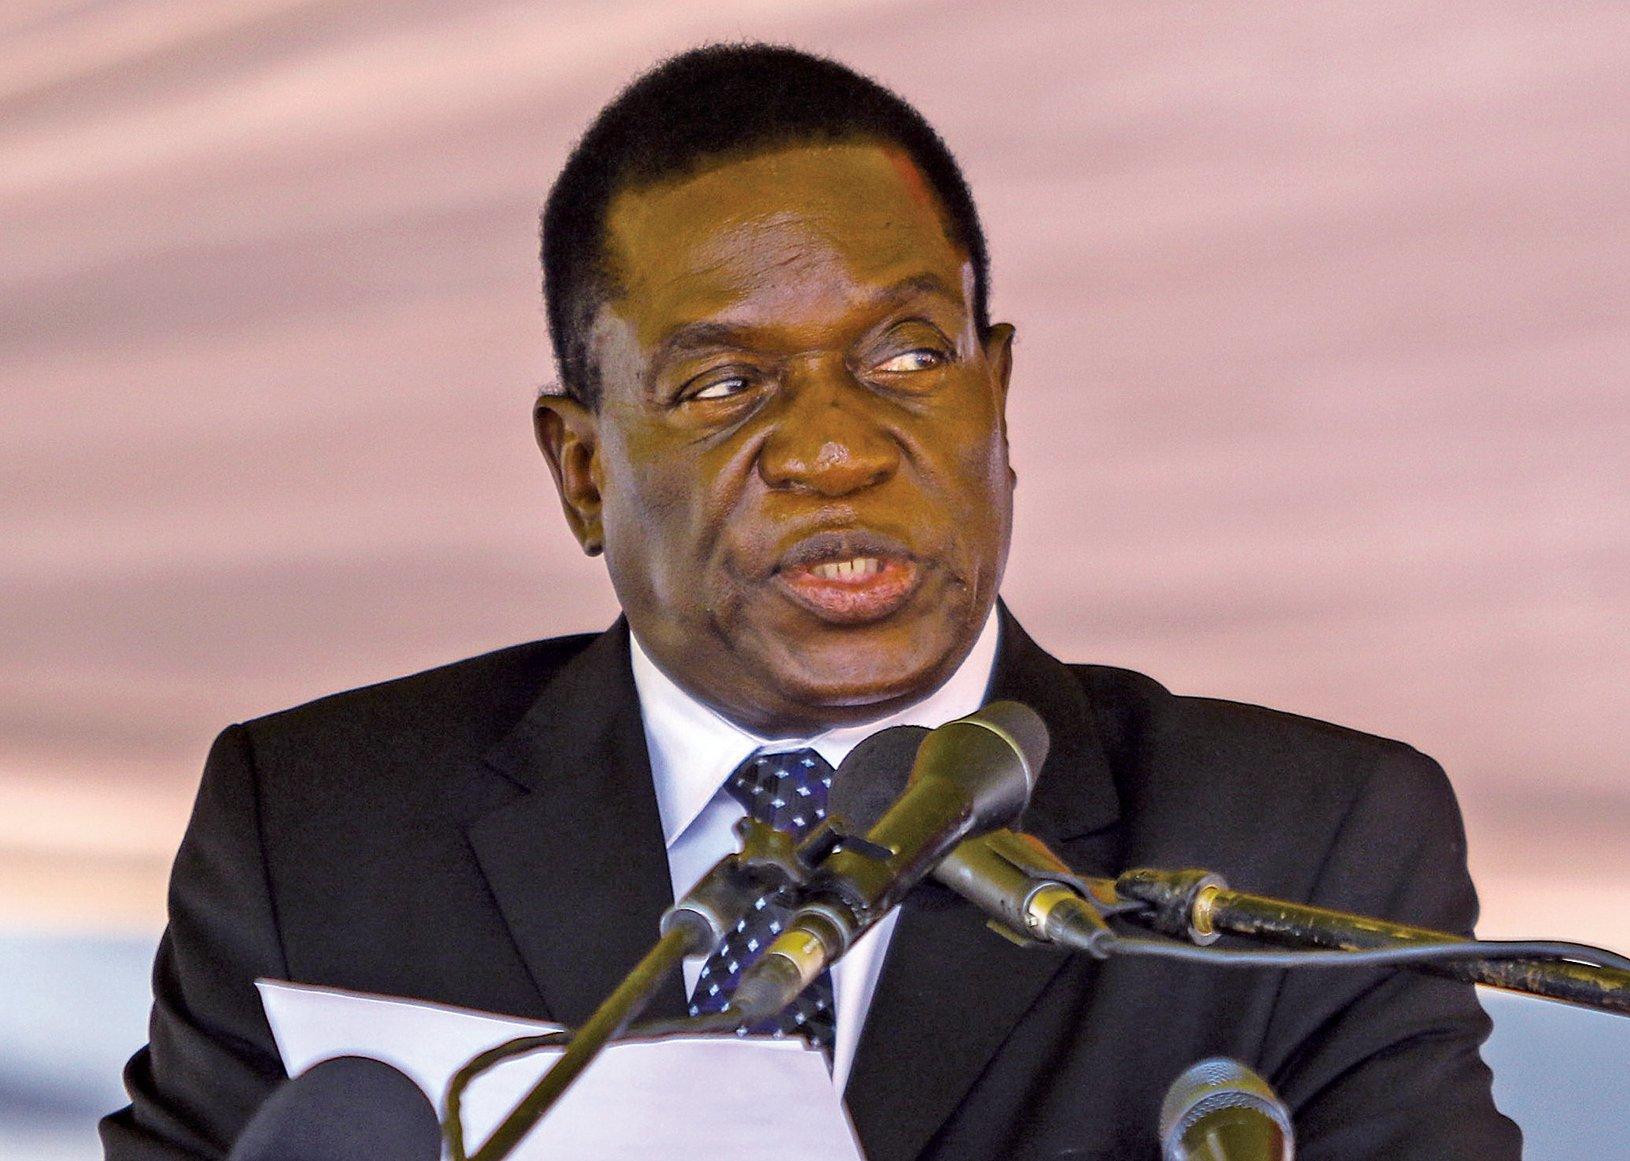 日前被免職的津巴布韋第一副總統,75歲的姆南加古瓦,情報單位出身,以手段殘酷聞名,素有「鱷魚」之稱。預定最快22日回國接掌政權。(AFP)